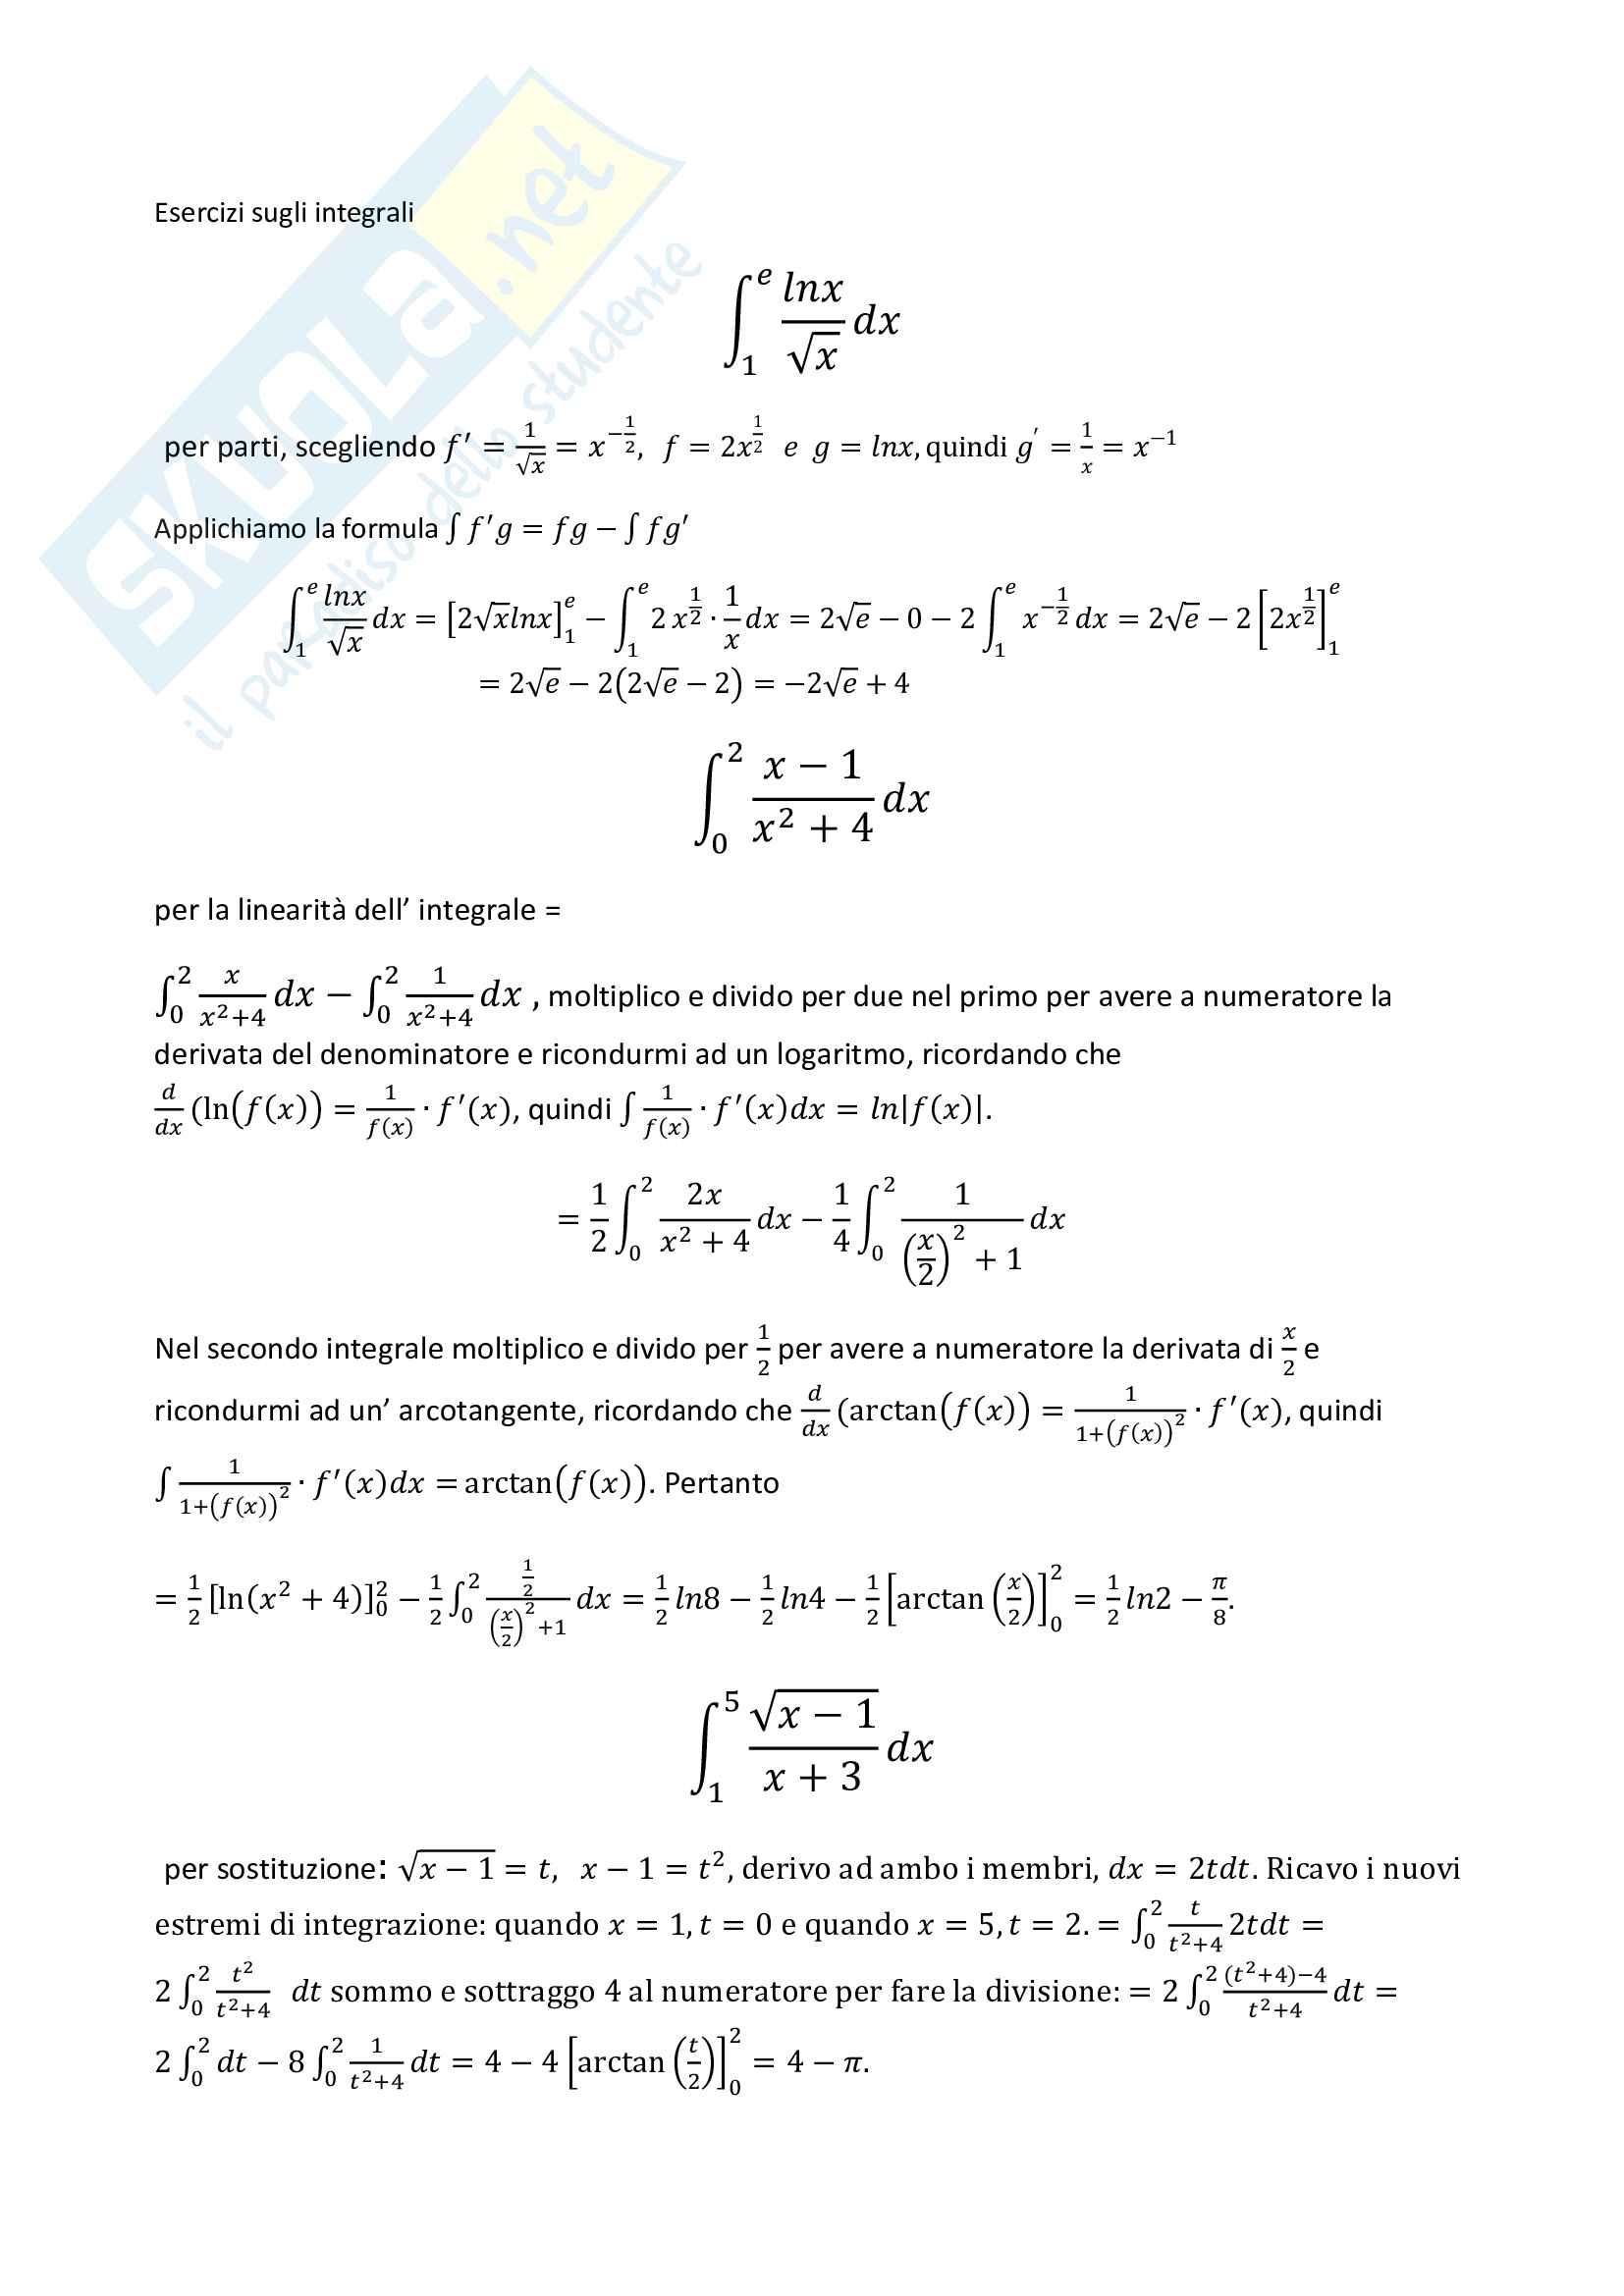 Analisi 1: Esercizi sugli integrali Prof. S. Gatti